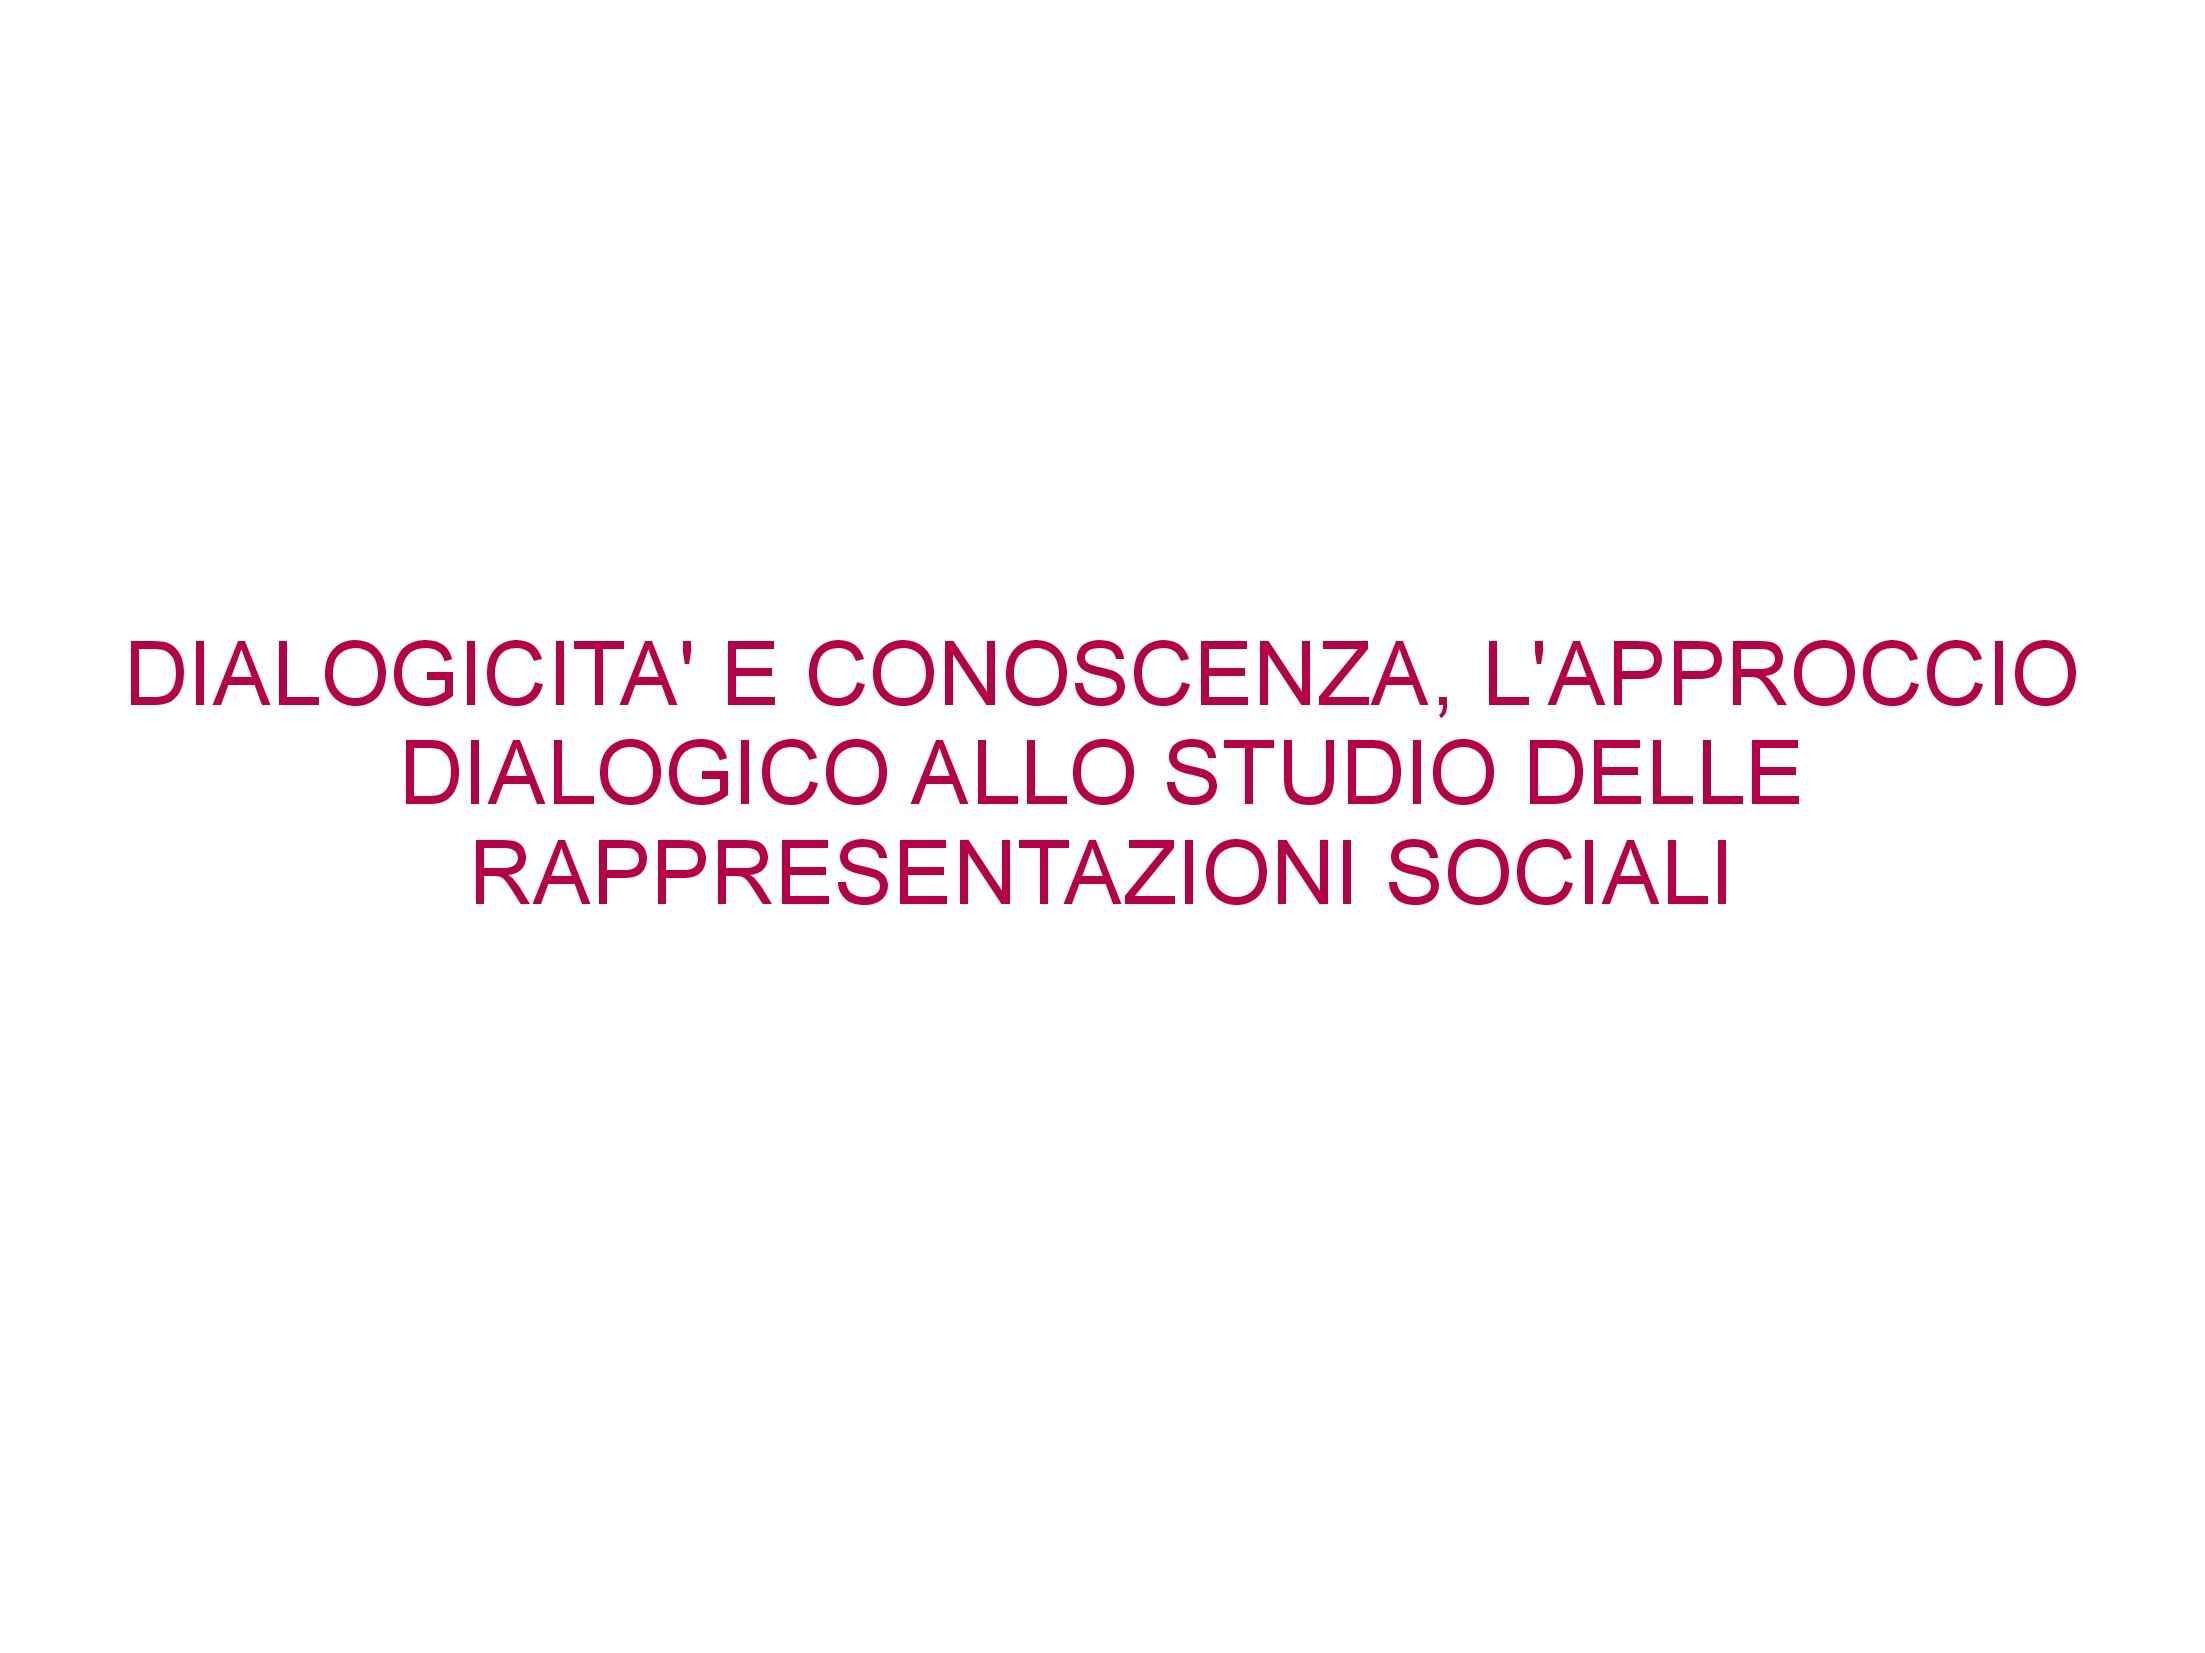 Approccio dialogico - Psicologia sociale